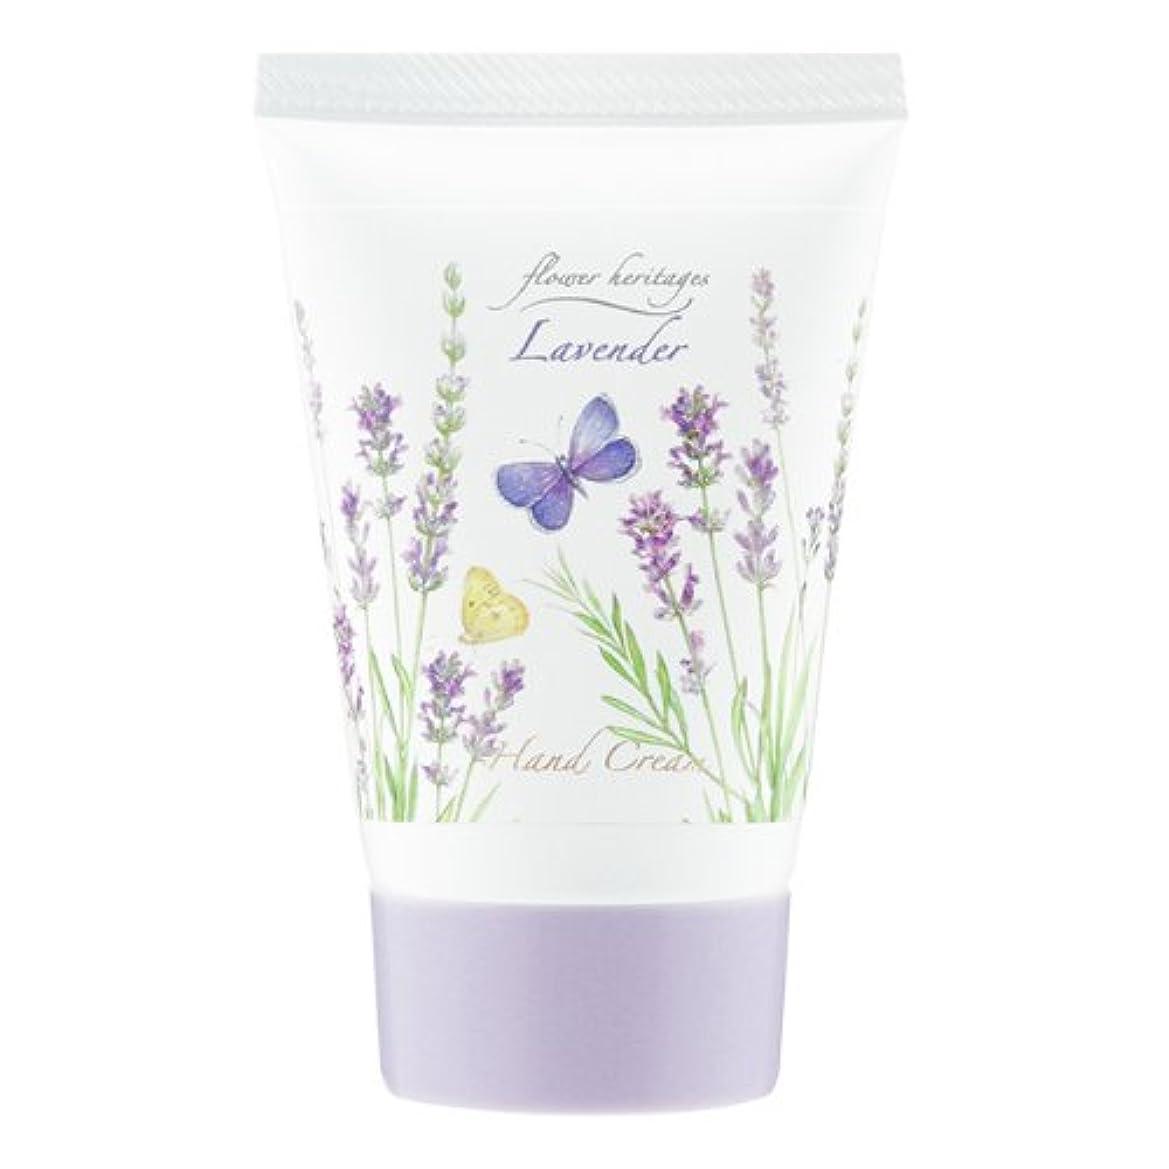 ストラップ戦術口述ネイチャータッチ (Nature Touch) Flower Heritage ハンドクリーム40g/ラベンダー